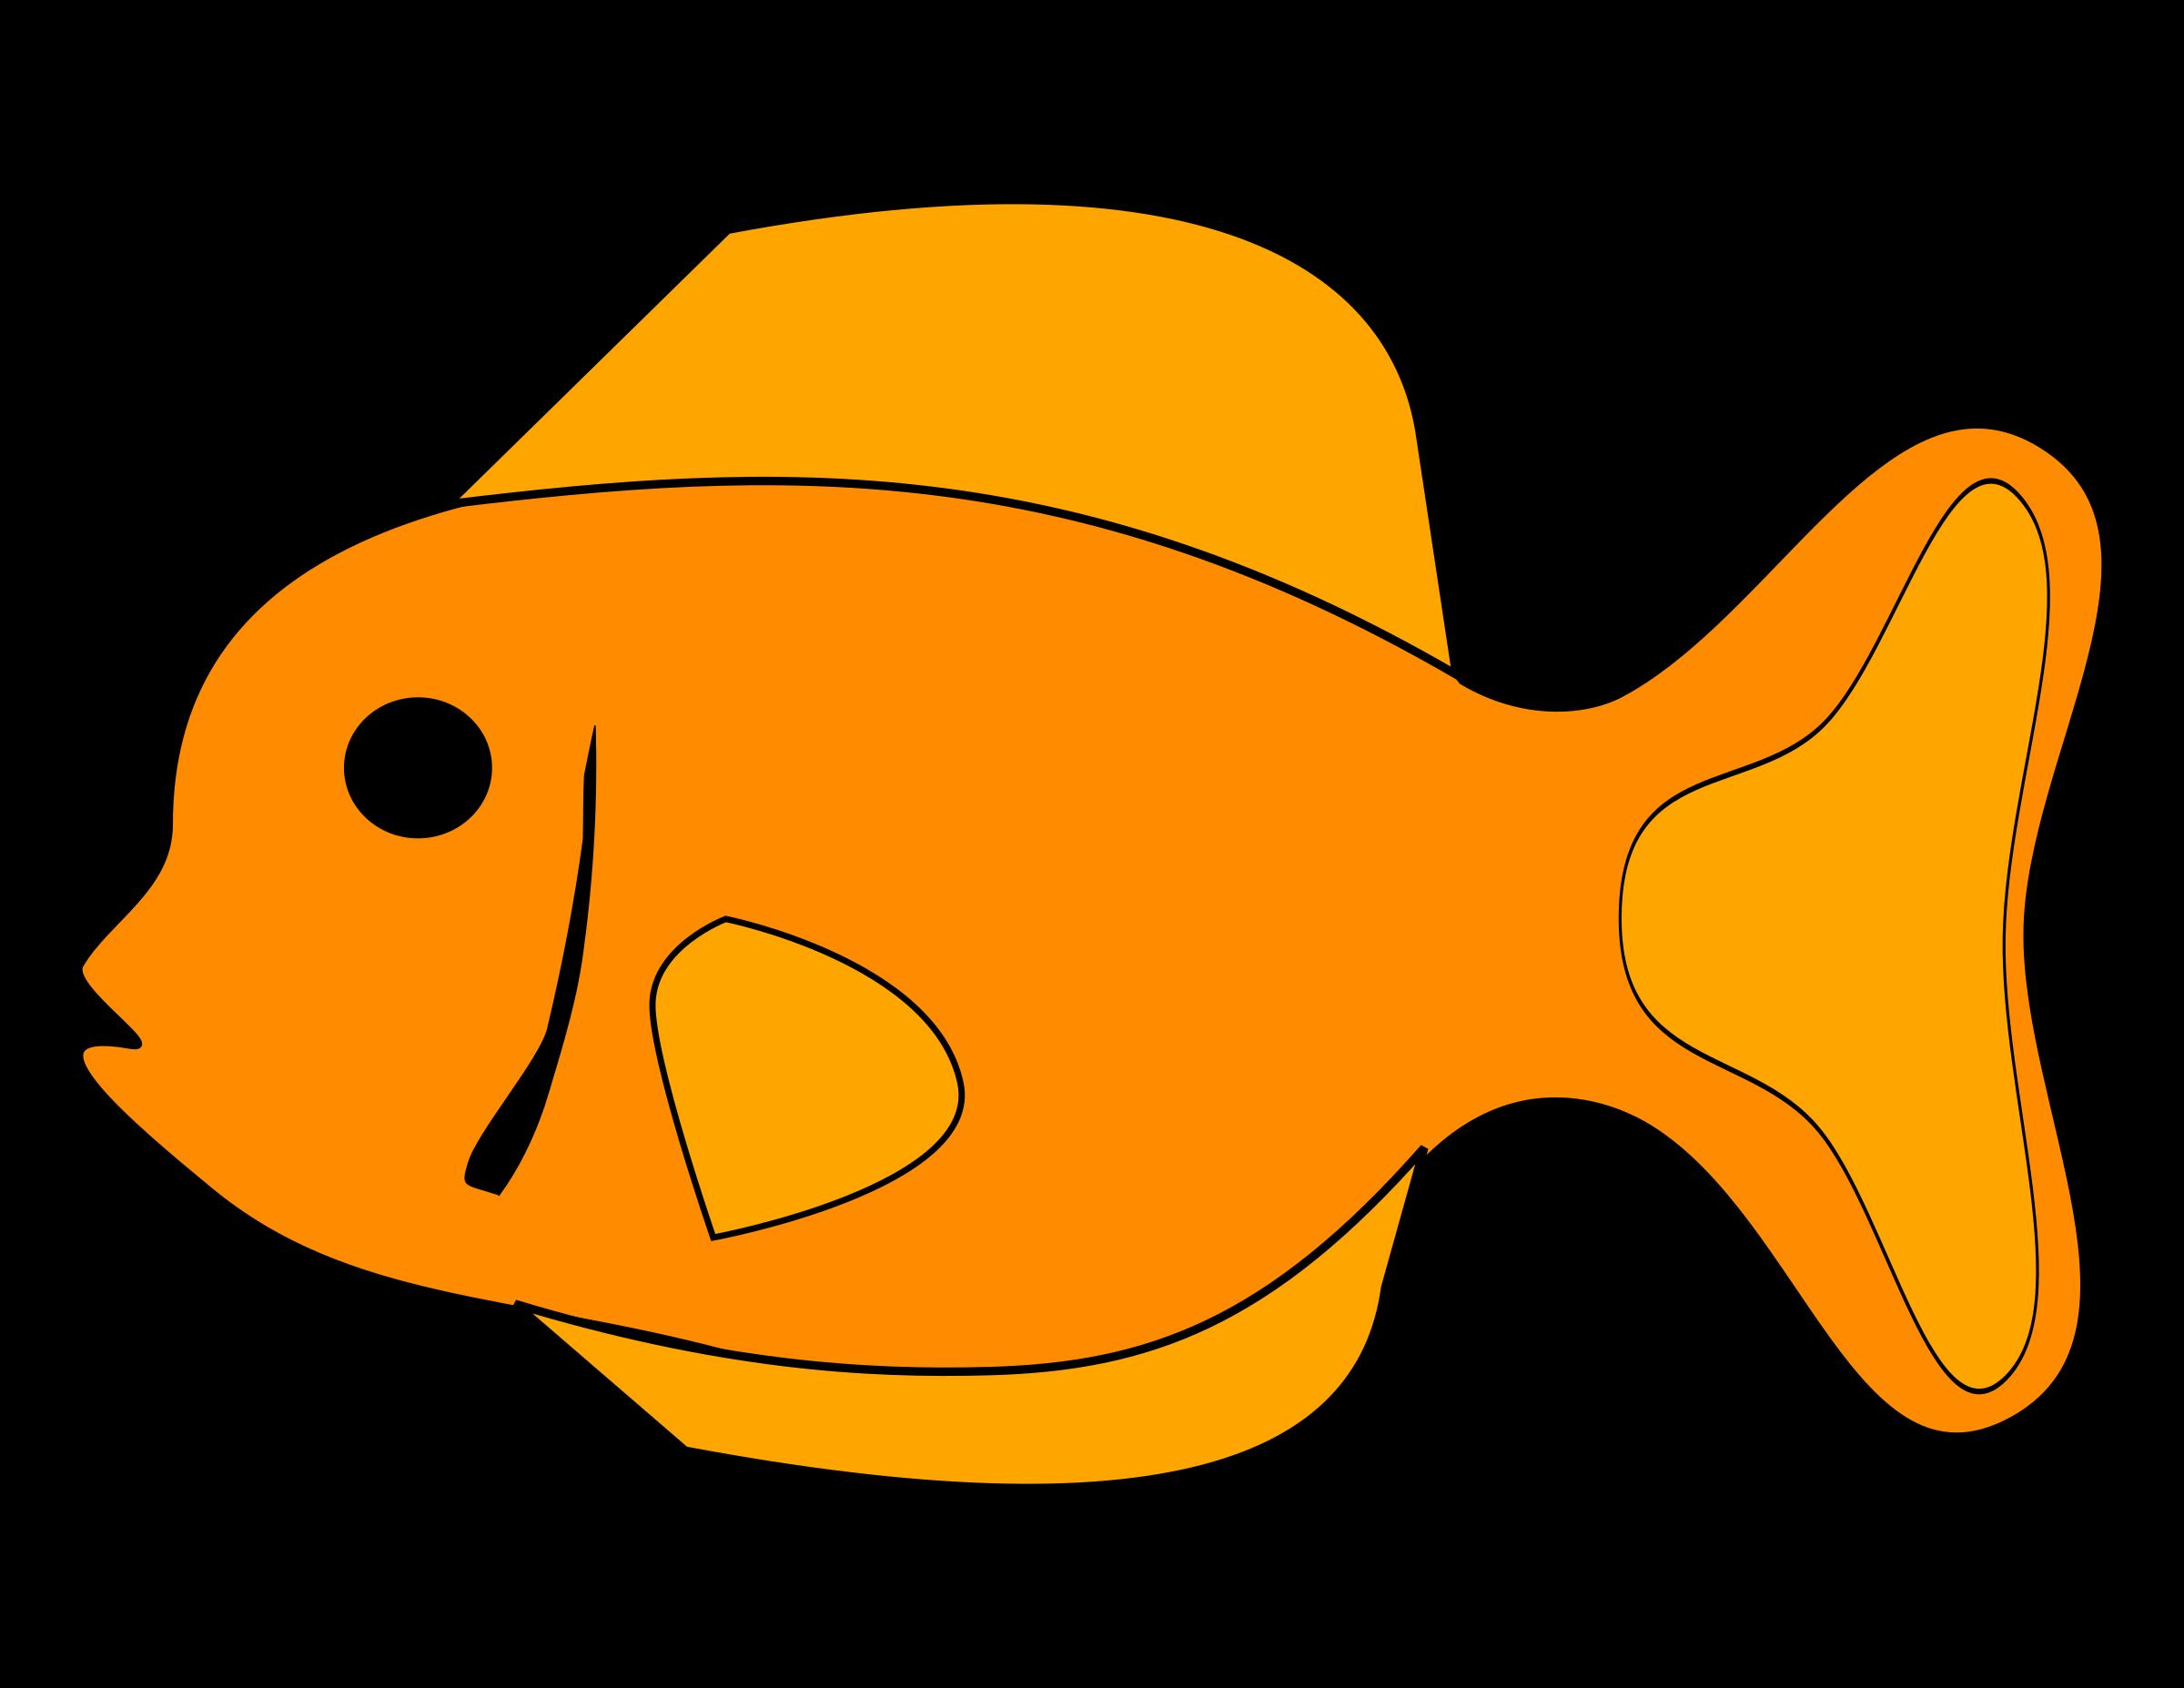 Orange clipart fish, Orange fish Transparent FREE for.